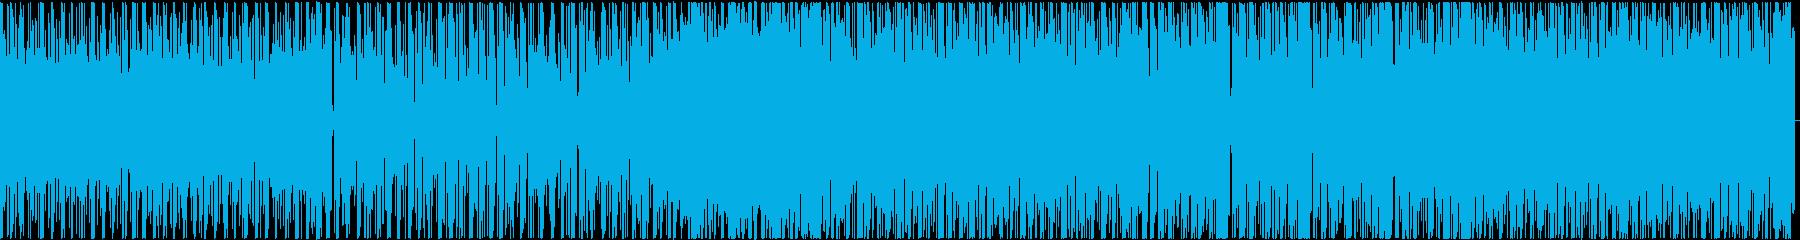 DJ/ダンス/EDM/TikTokの再生済みの波形